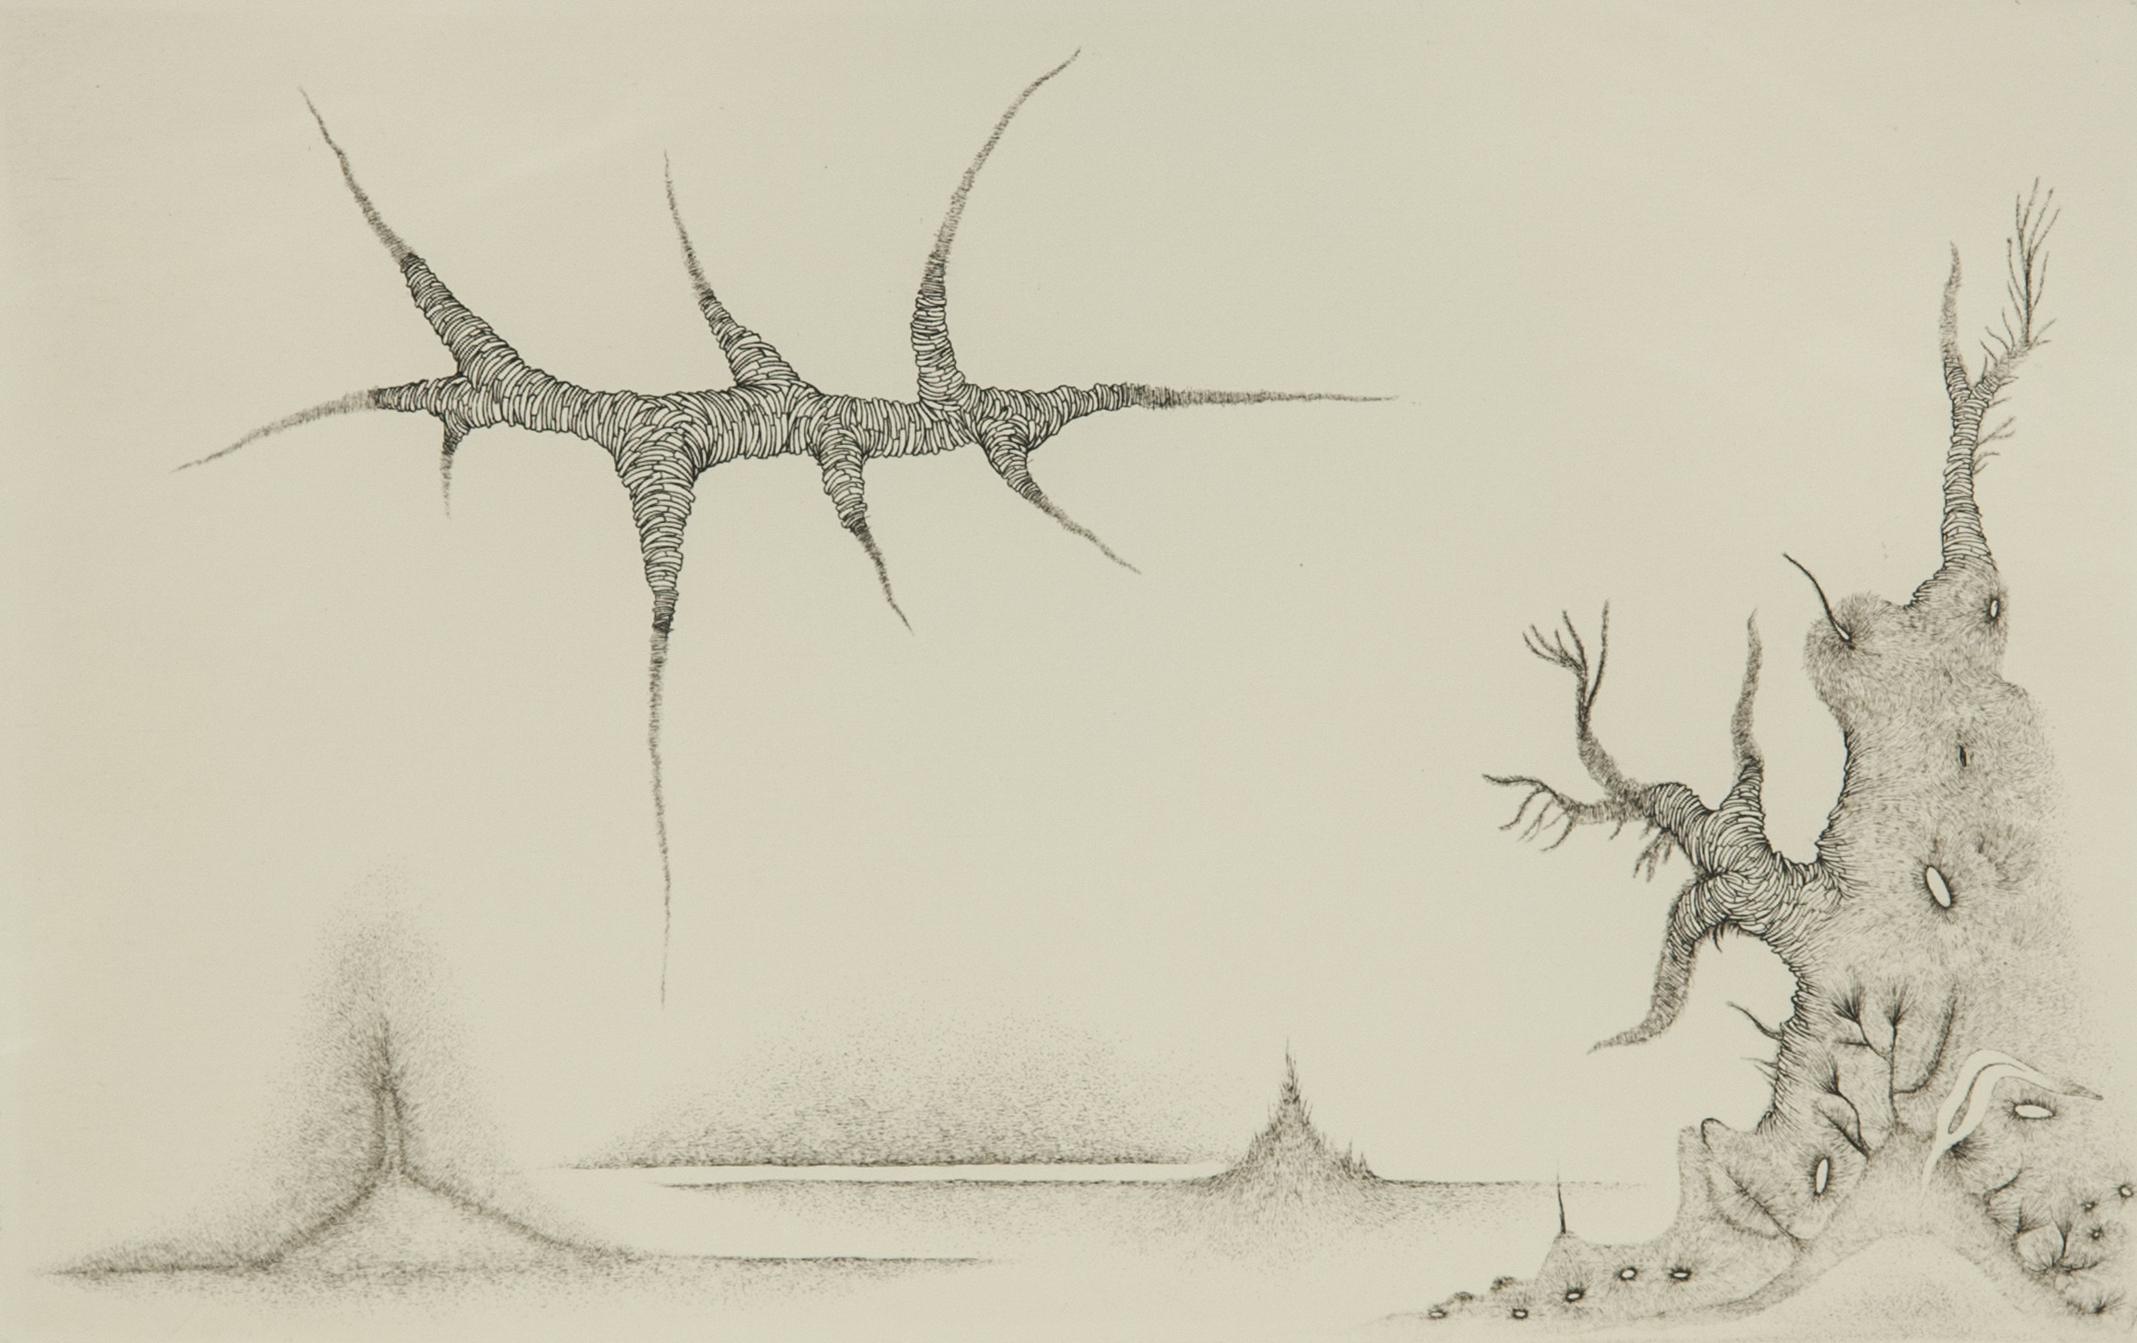 Cécile Reims, Cosmogonies, 1959 Burin, 14 x 21,8 cm